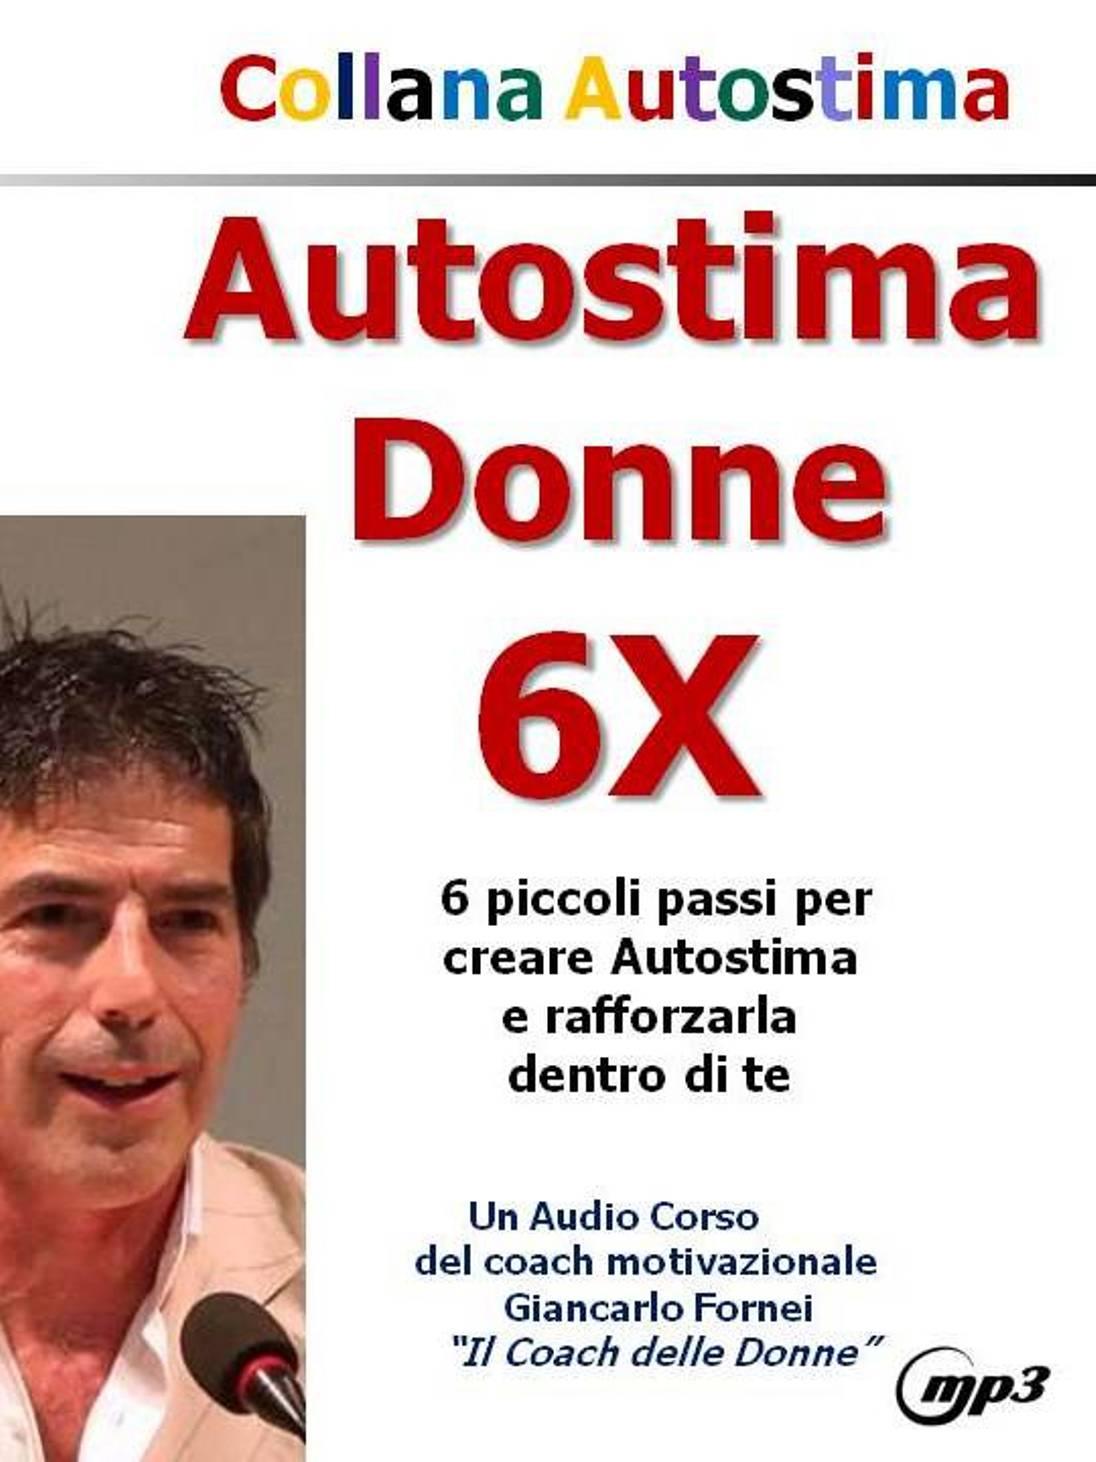 Autostima Donne 6X - il nuovo audio corso del coach Giancarlo Fornei